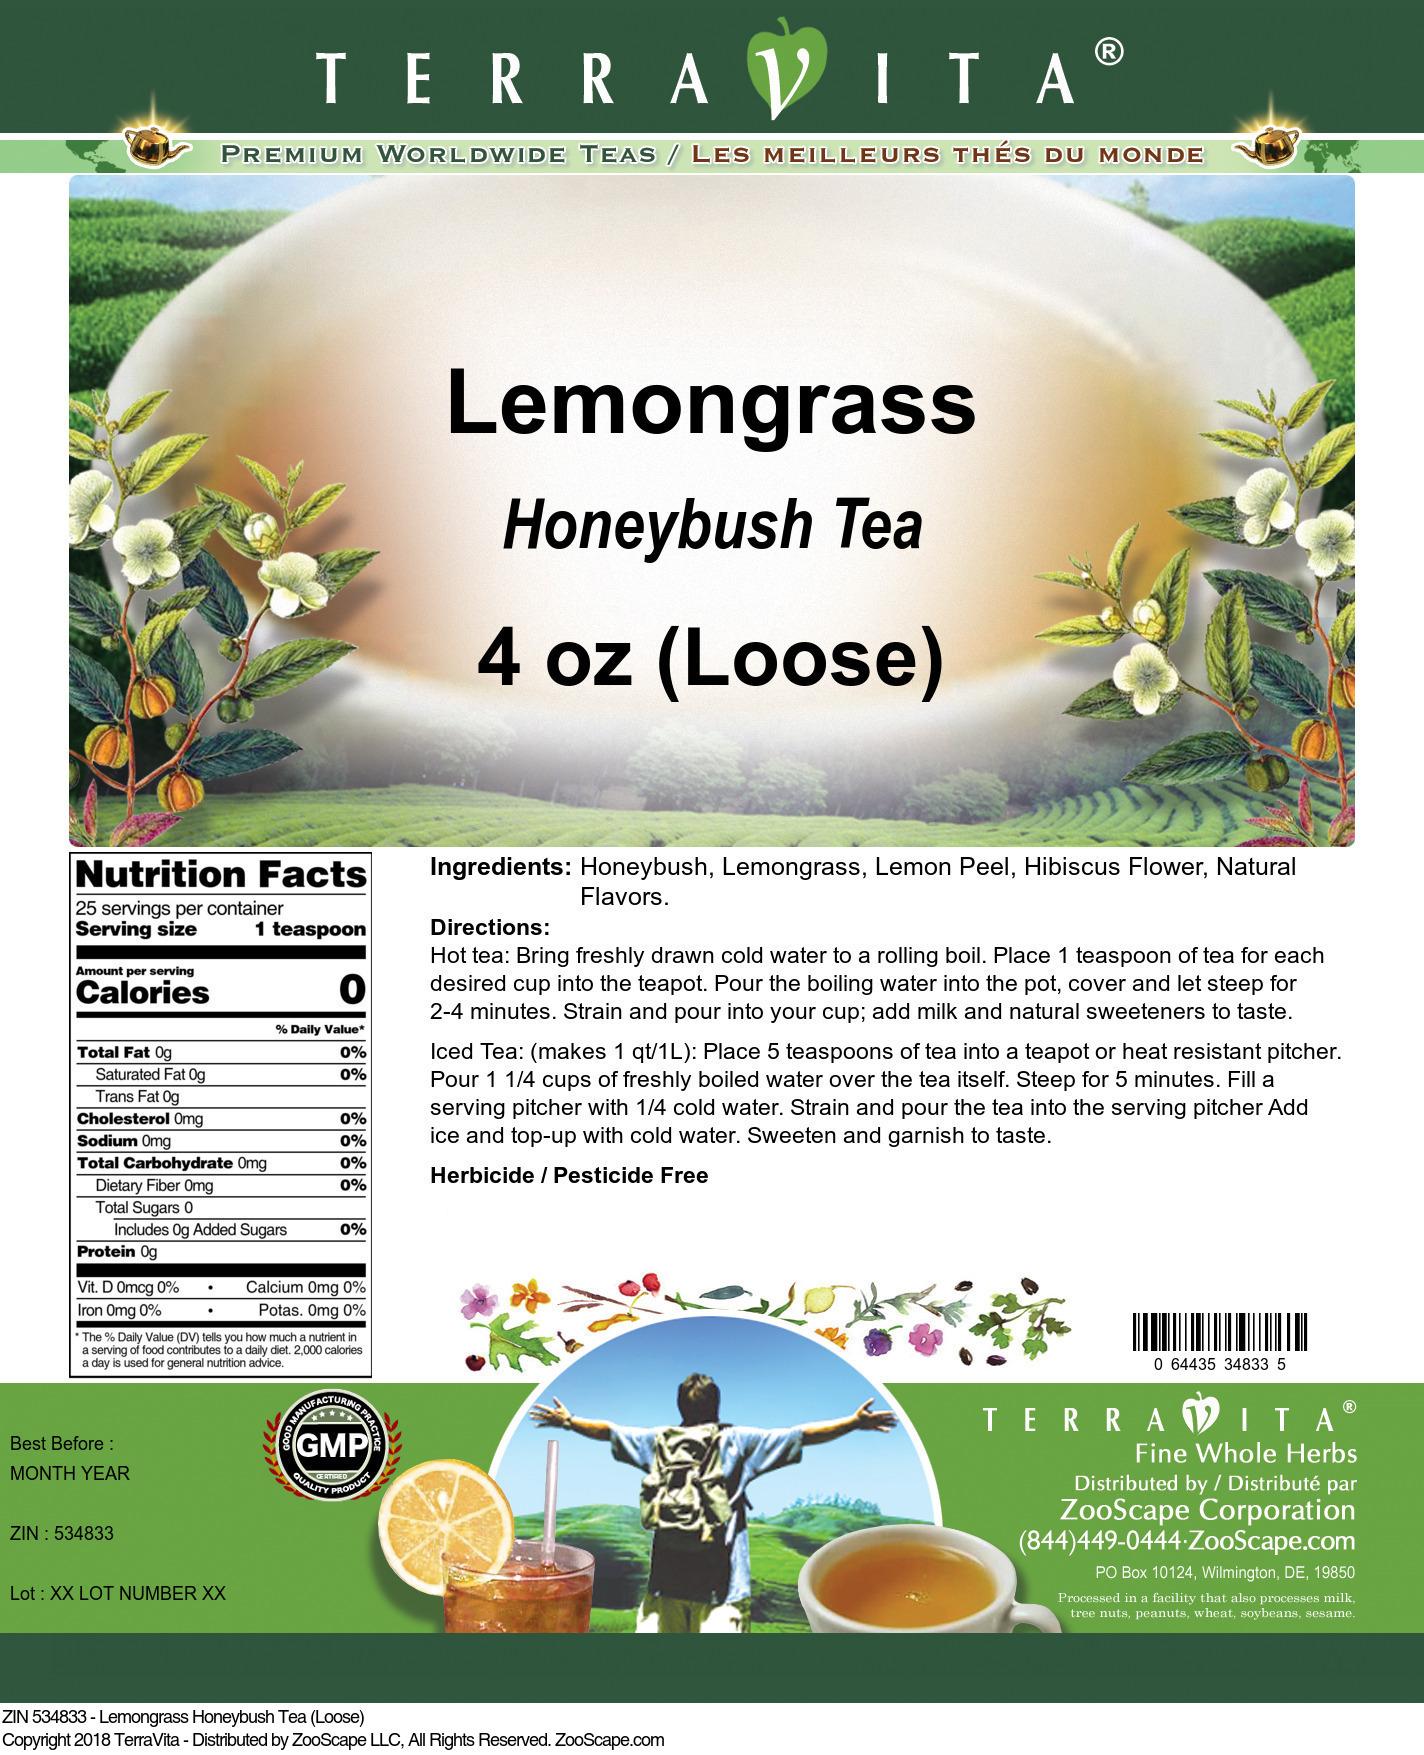 Lemongrass Honeybush Tea (Loose)